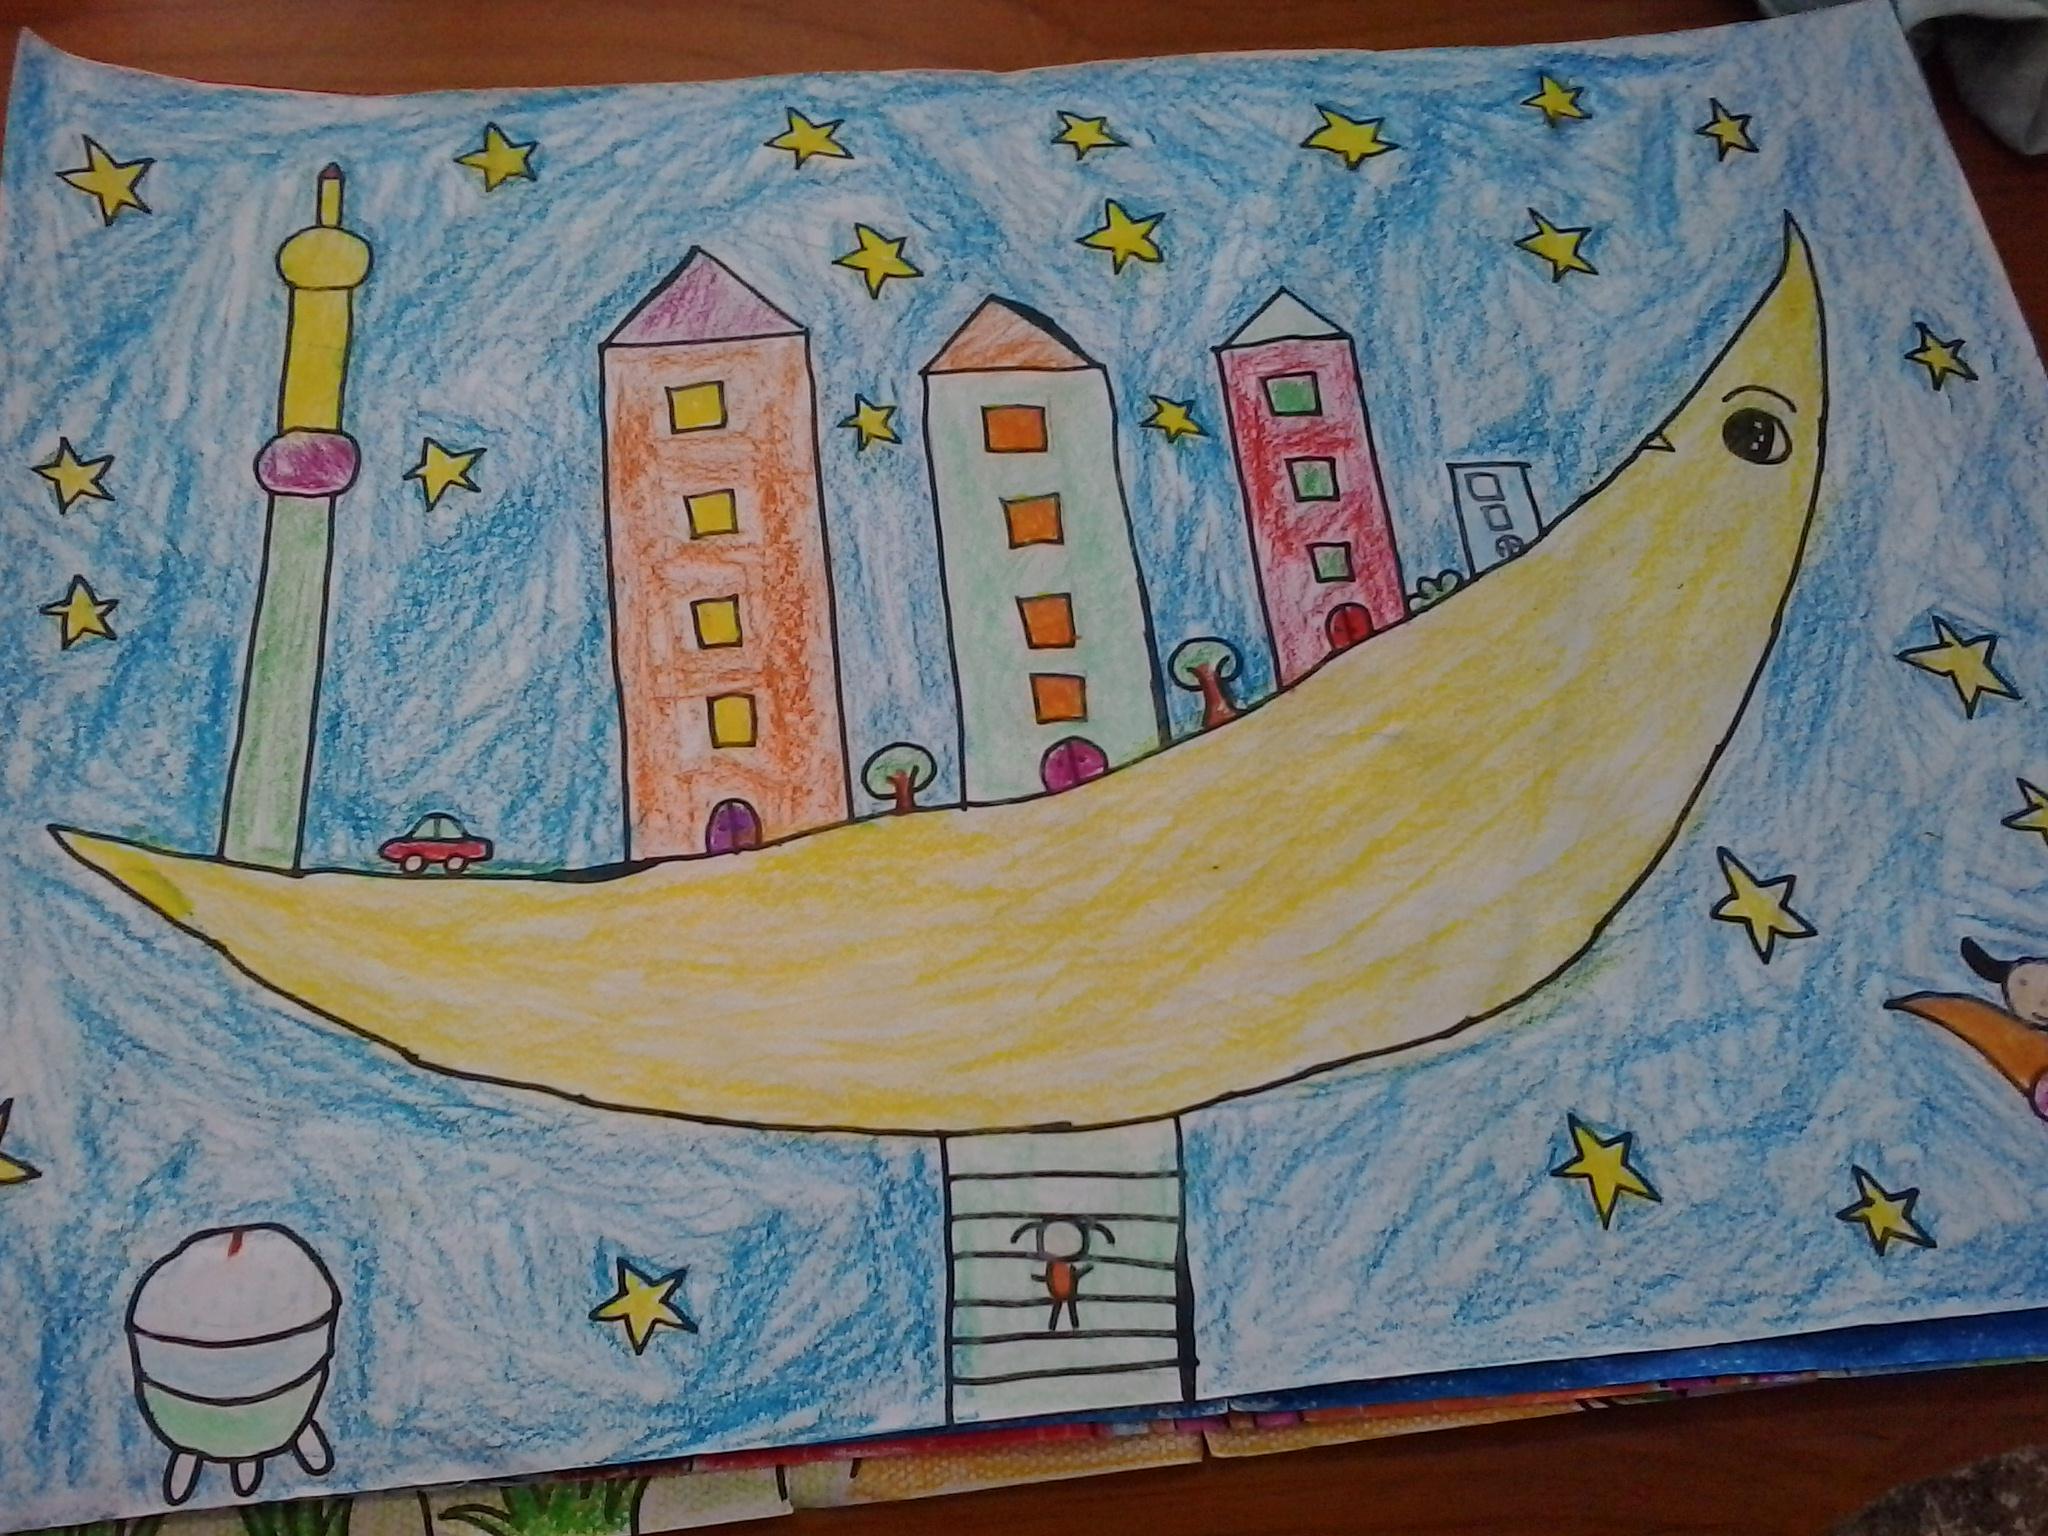 科学幻想画 - 2014年少年儿童媒介素养教育活动-儿童绘本2014年07期图片